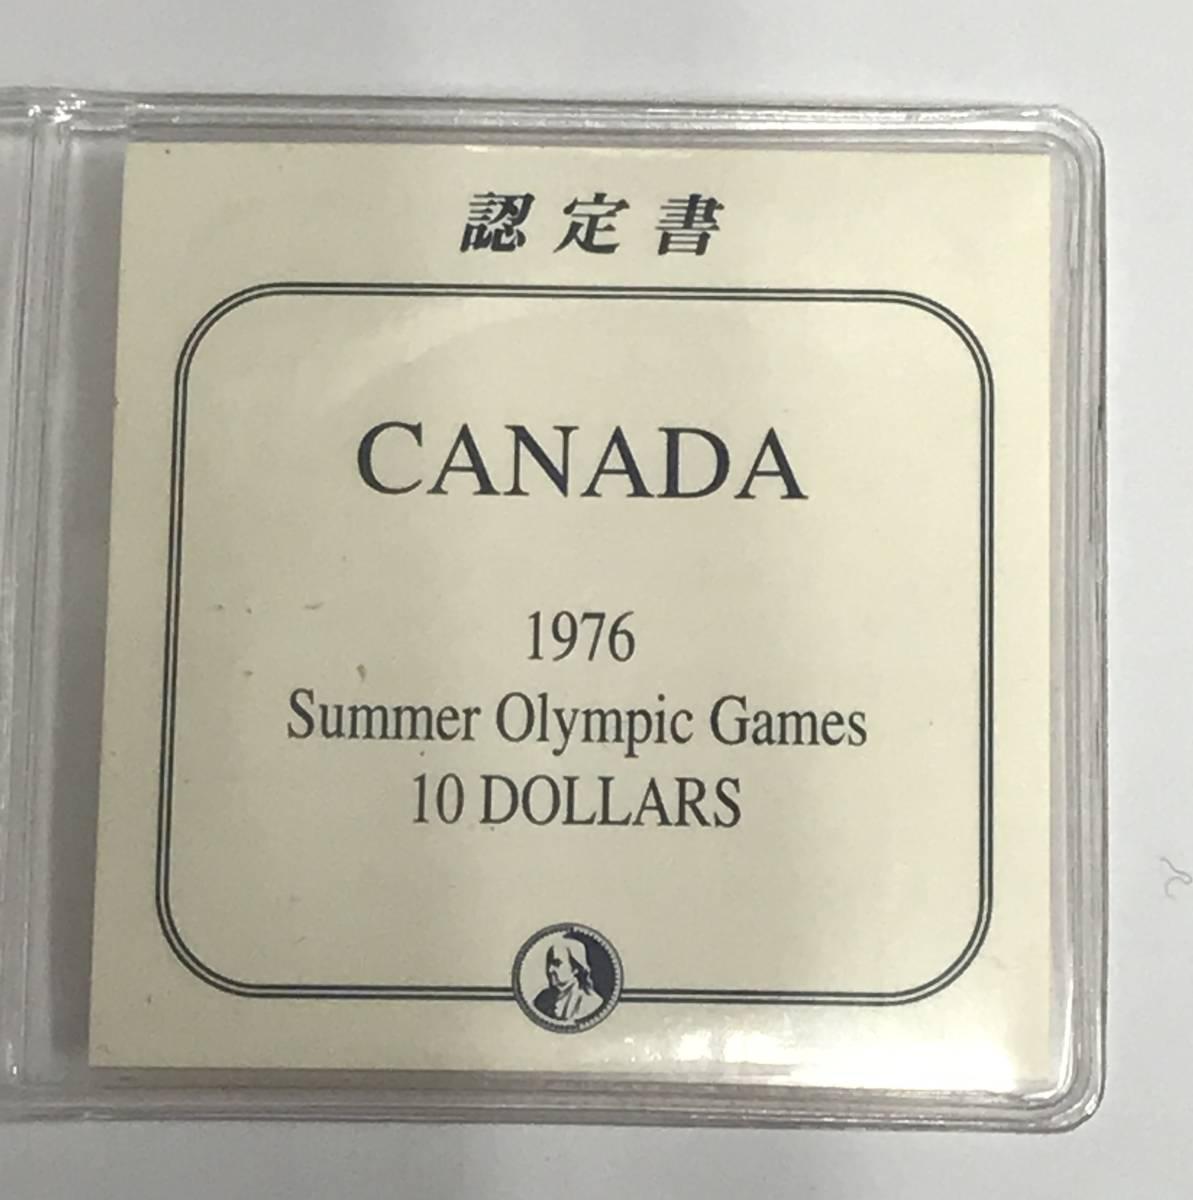 カナダ モントリオール オリンピック記念コイン 10ドル銀貨 1976_画像3